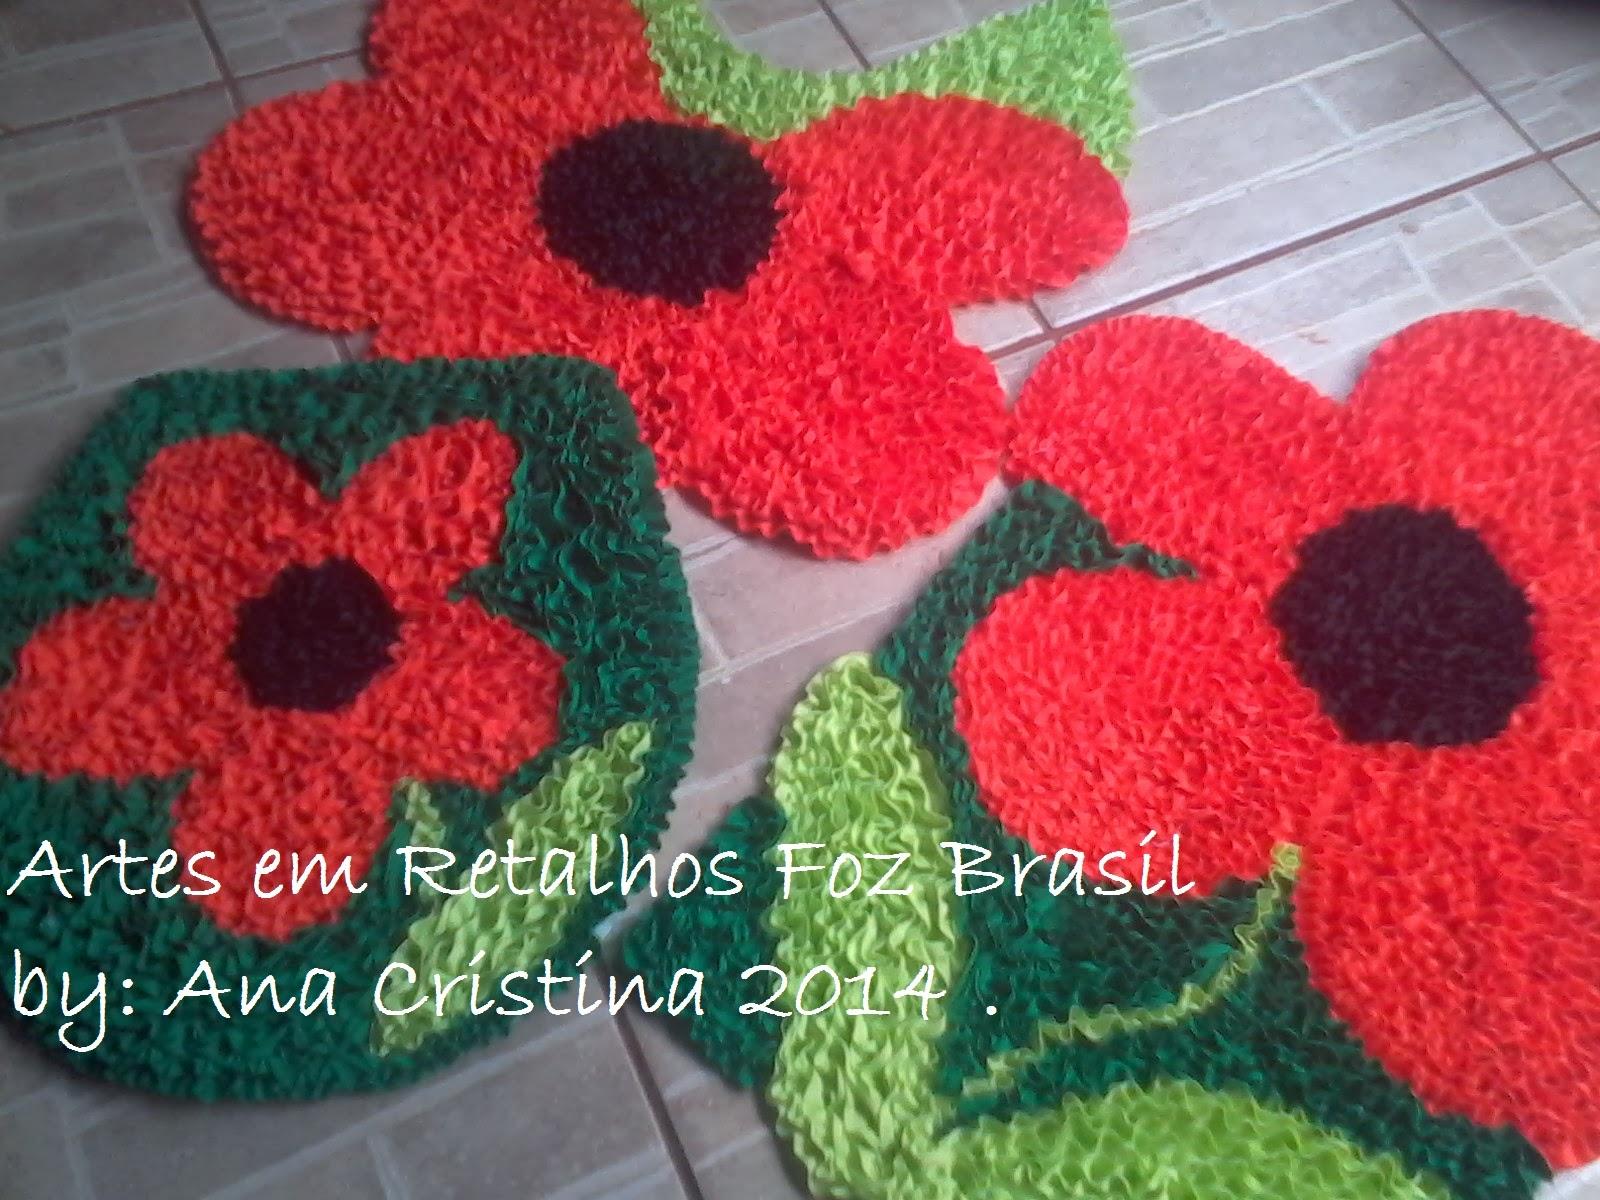 Arte Em Tapete De Retalho : ARTES EM RETALHOS FOZ BRASIL: Tapetes de frufru .Flores e joaninhas .